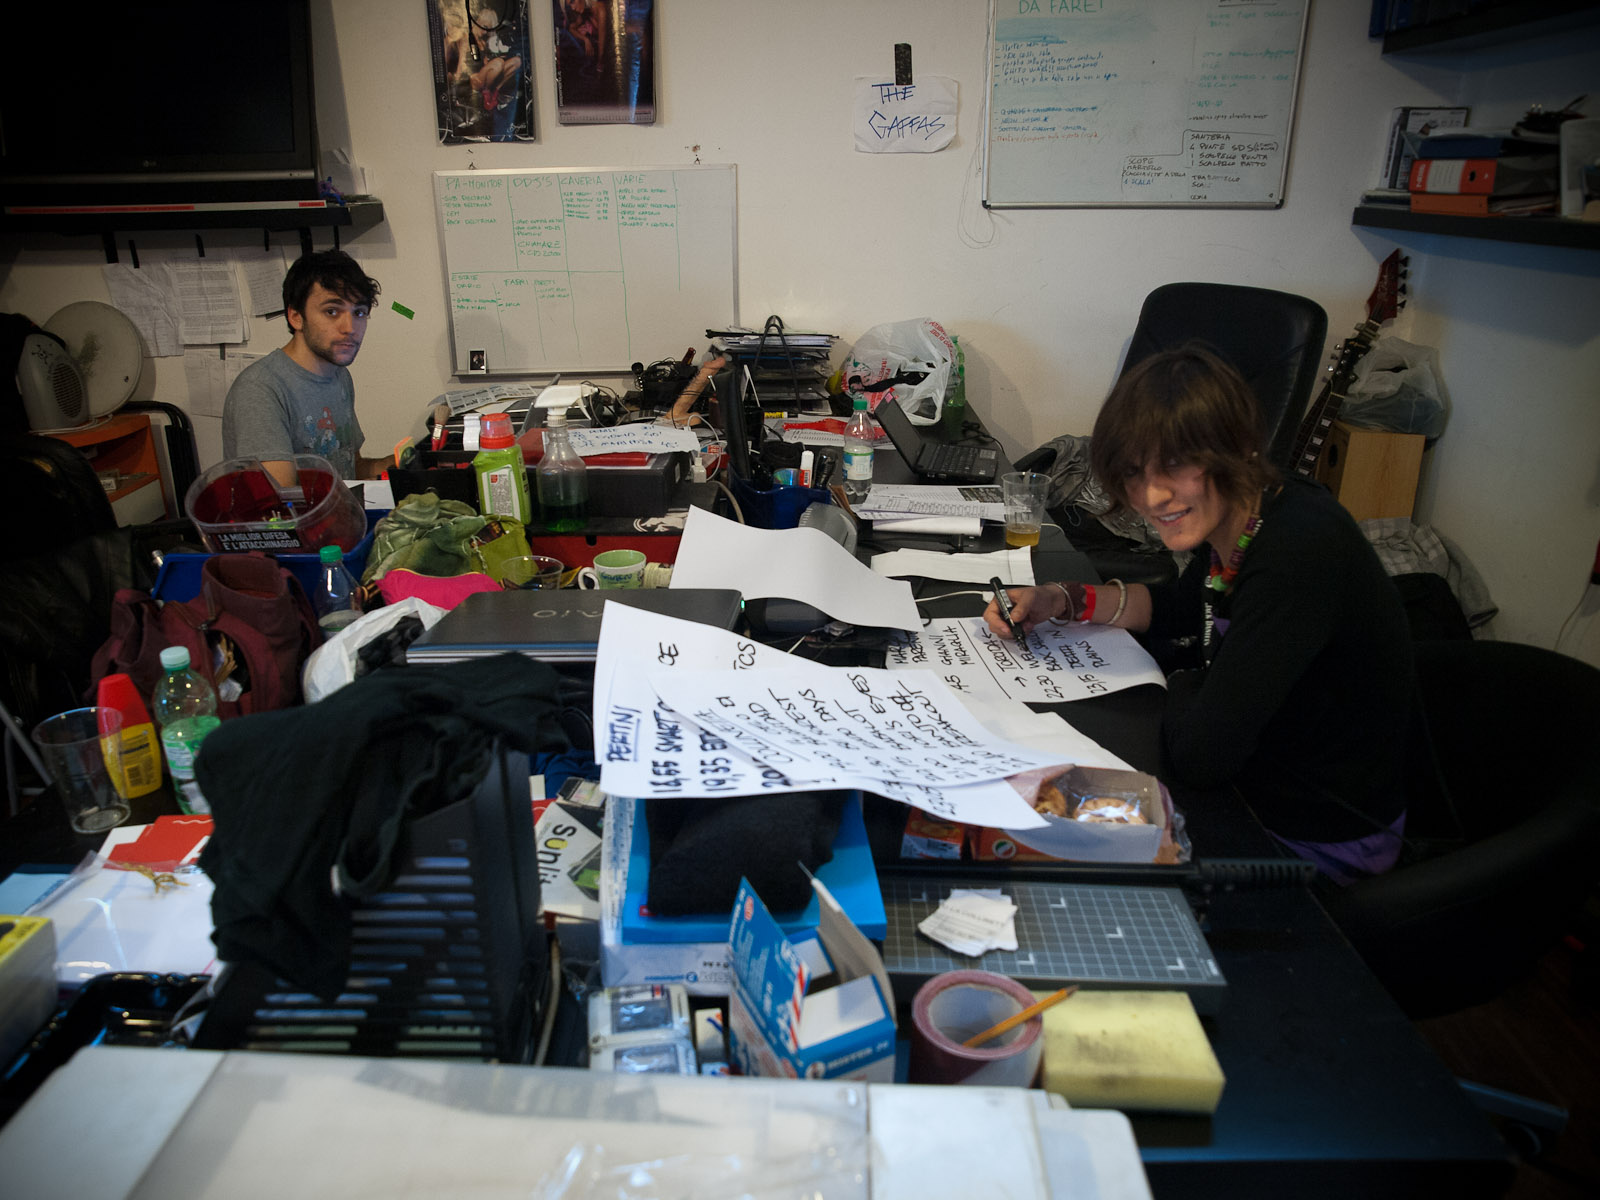 06 - MI AMI Staff